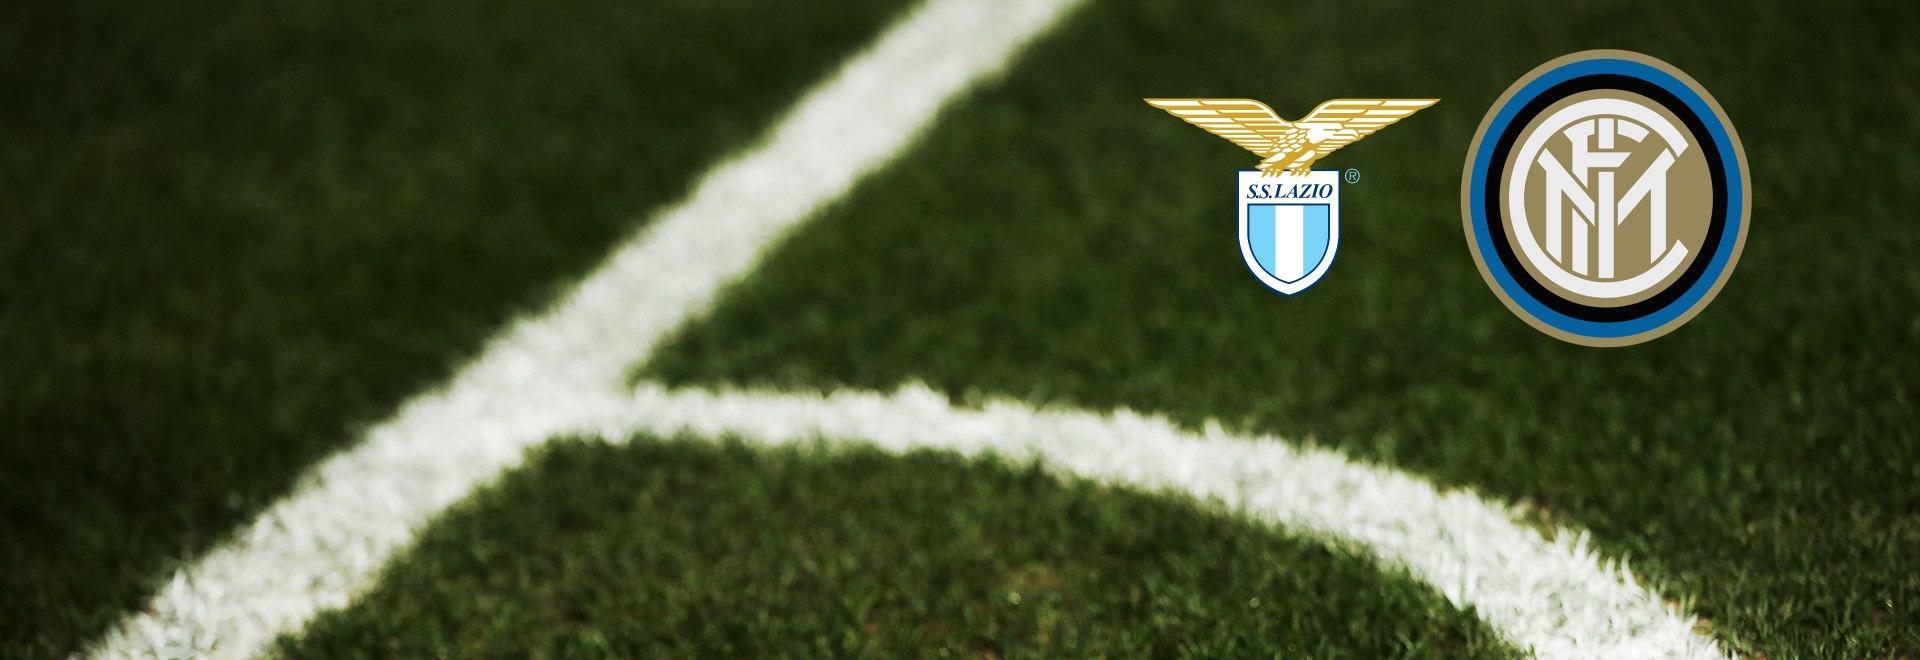 Lazio - Inter. 3a g.